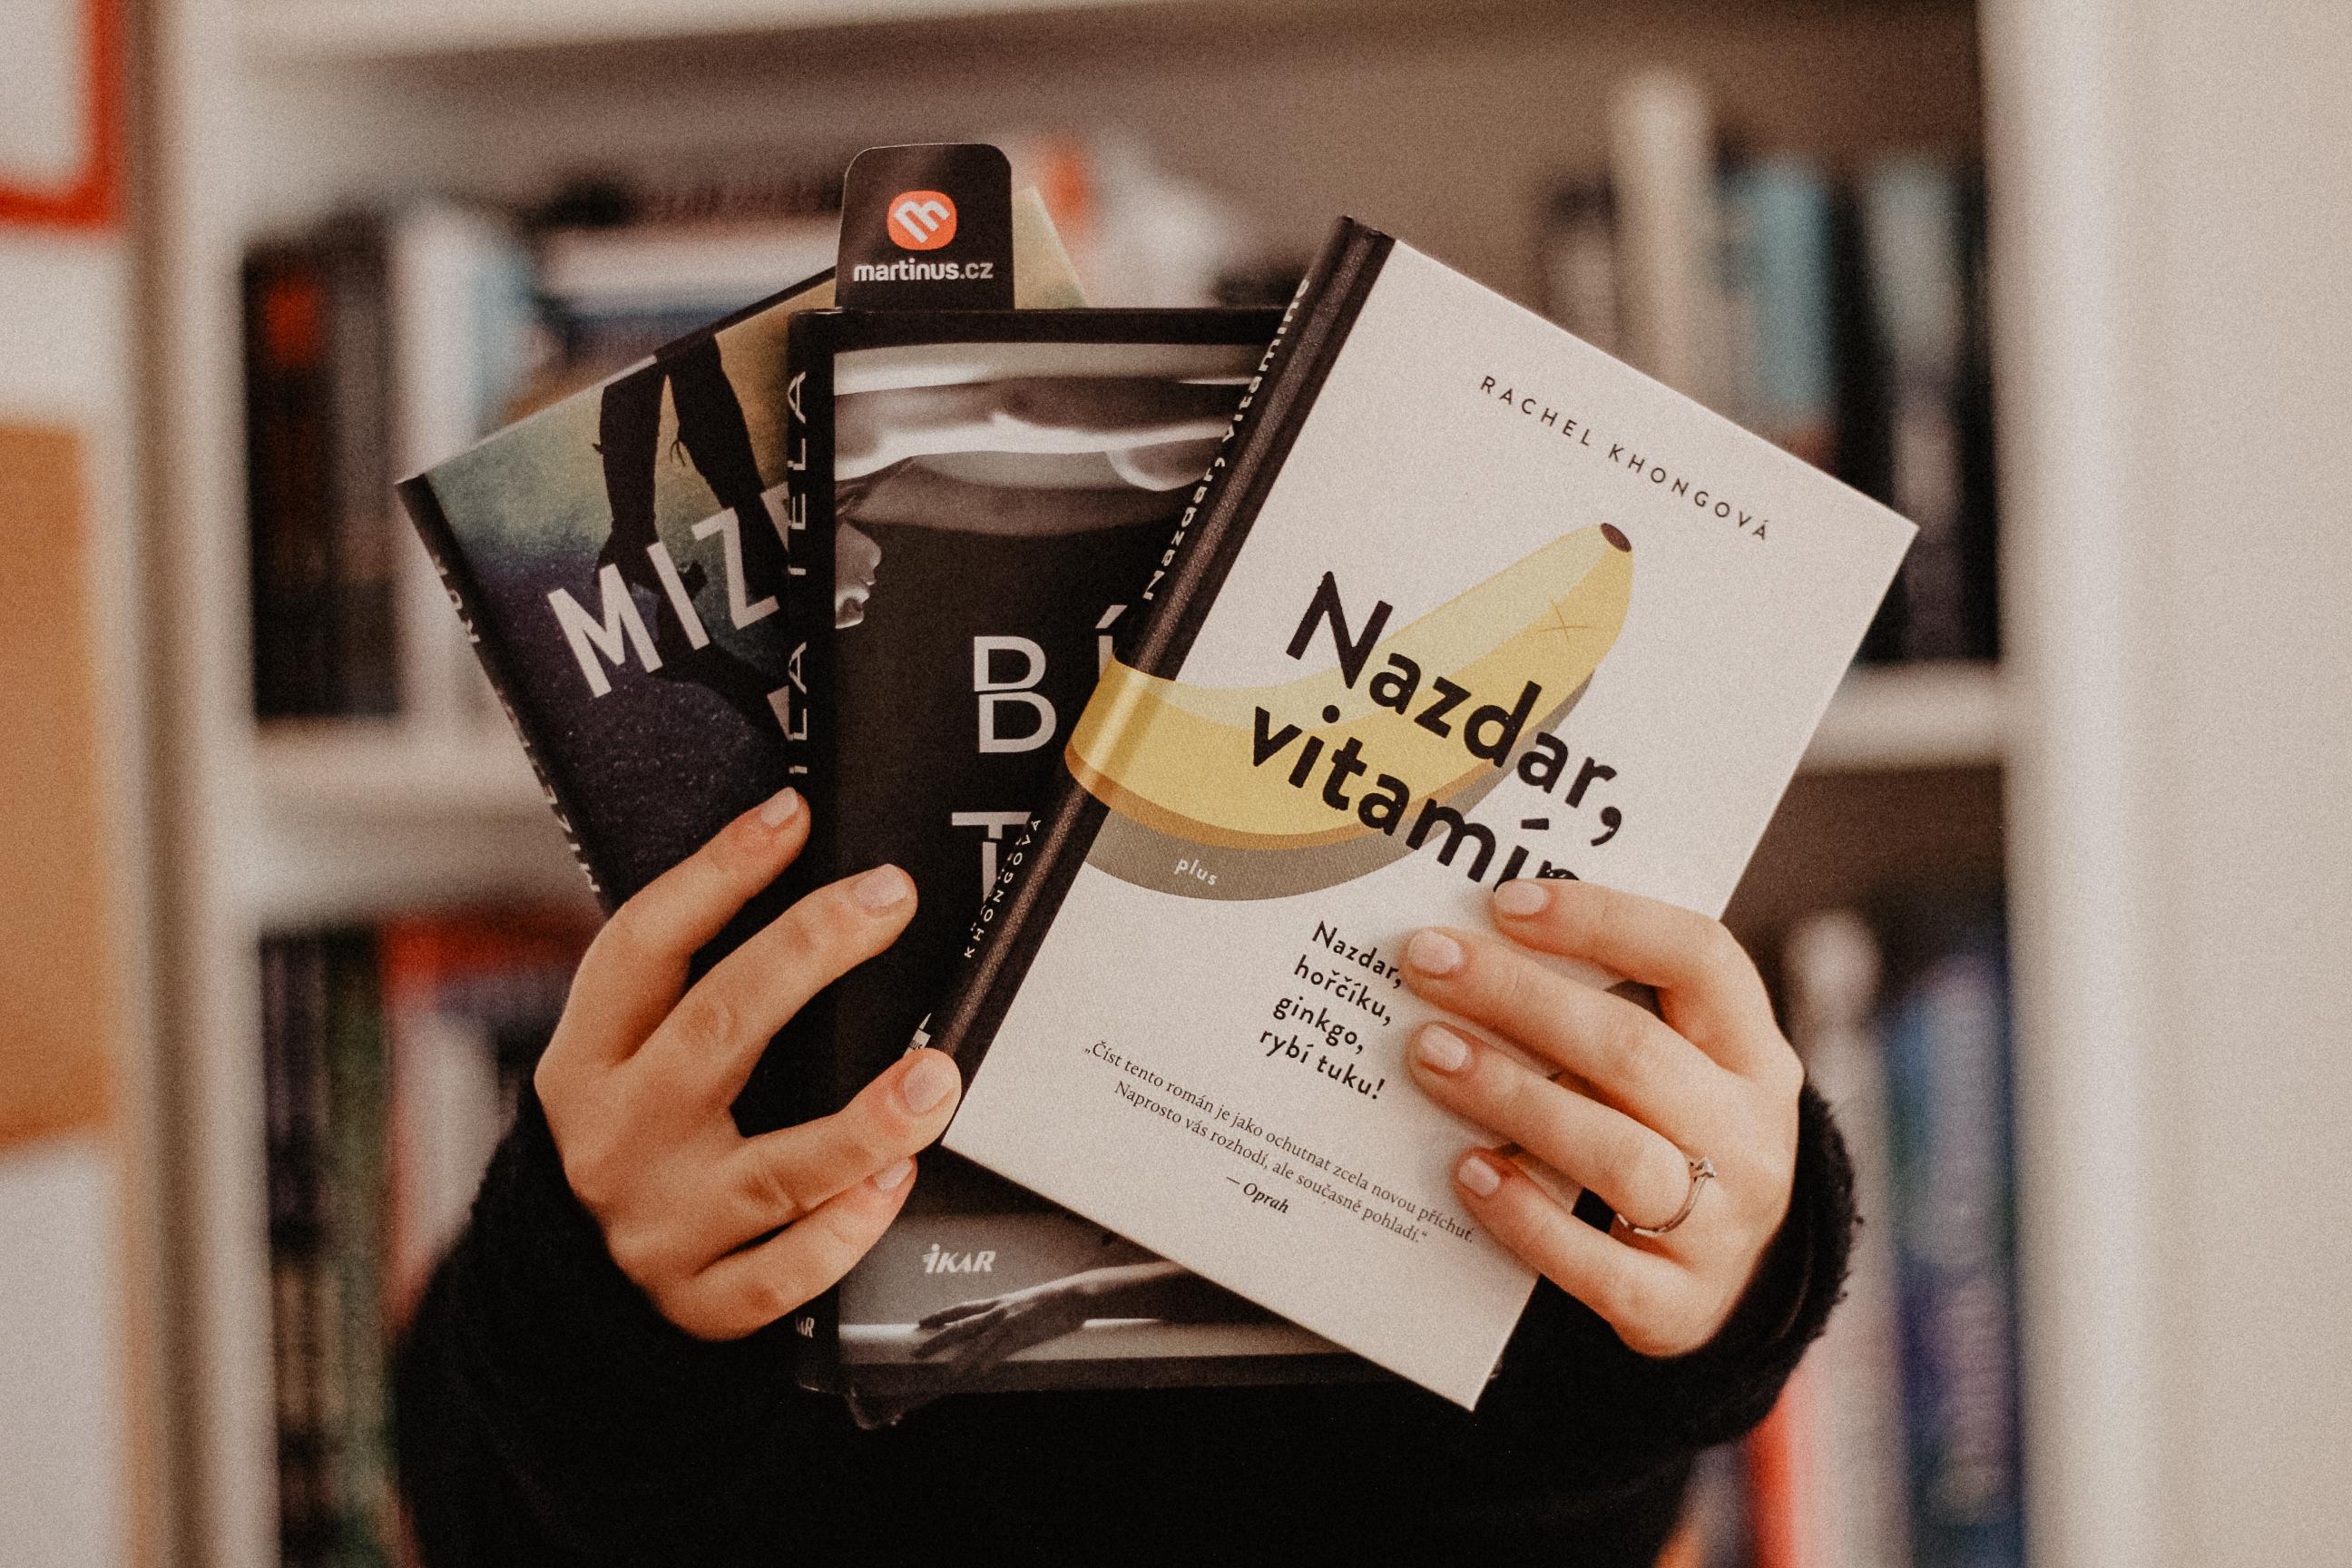 #copravectu: Dva slibné psychologické thrillery a Nazdar, vitamíne